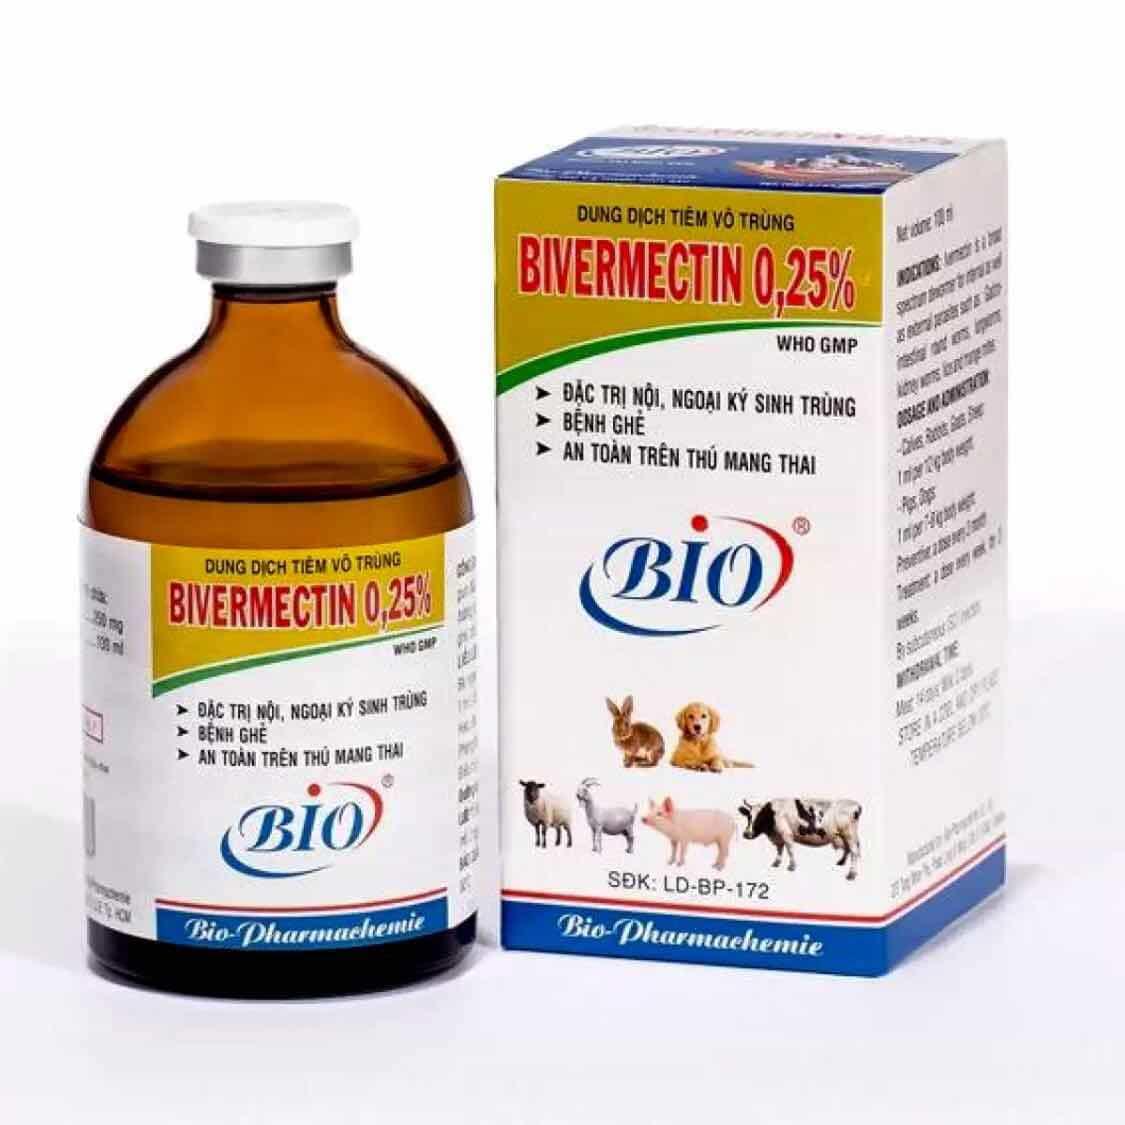 Một hộp thuốc tiêm trị ve chó Bio